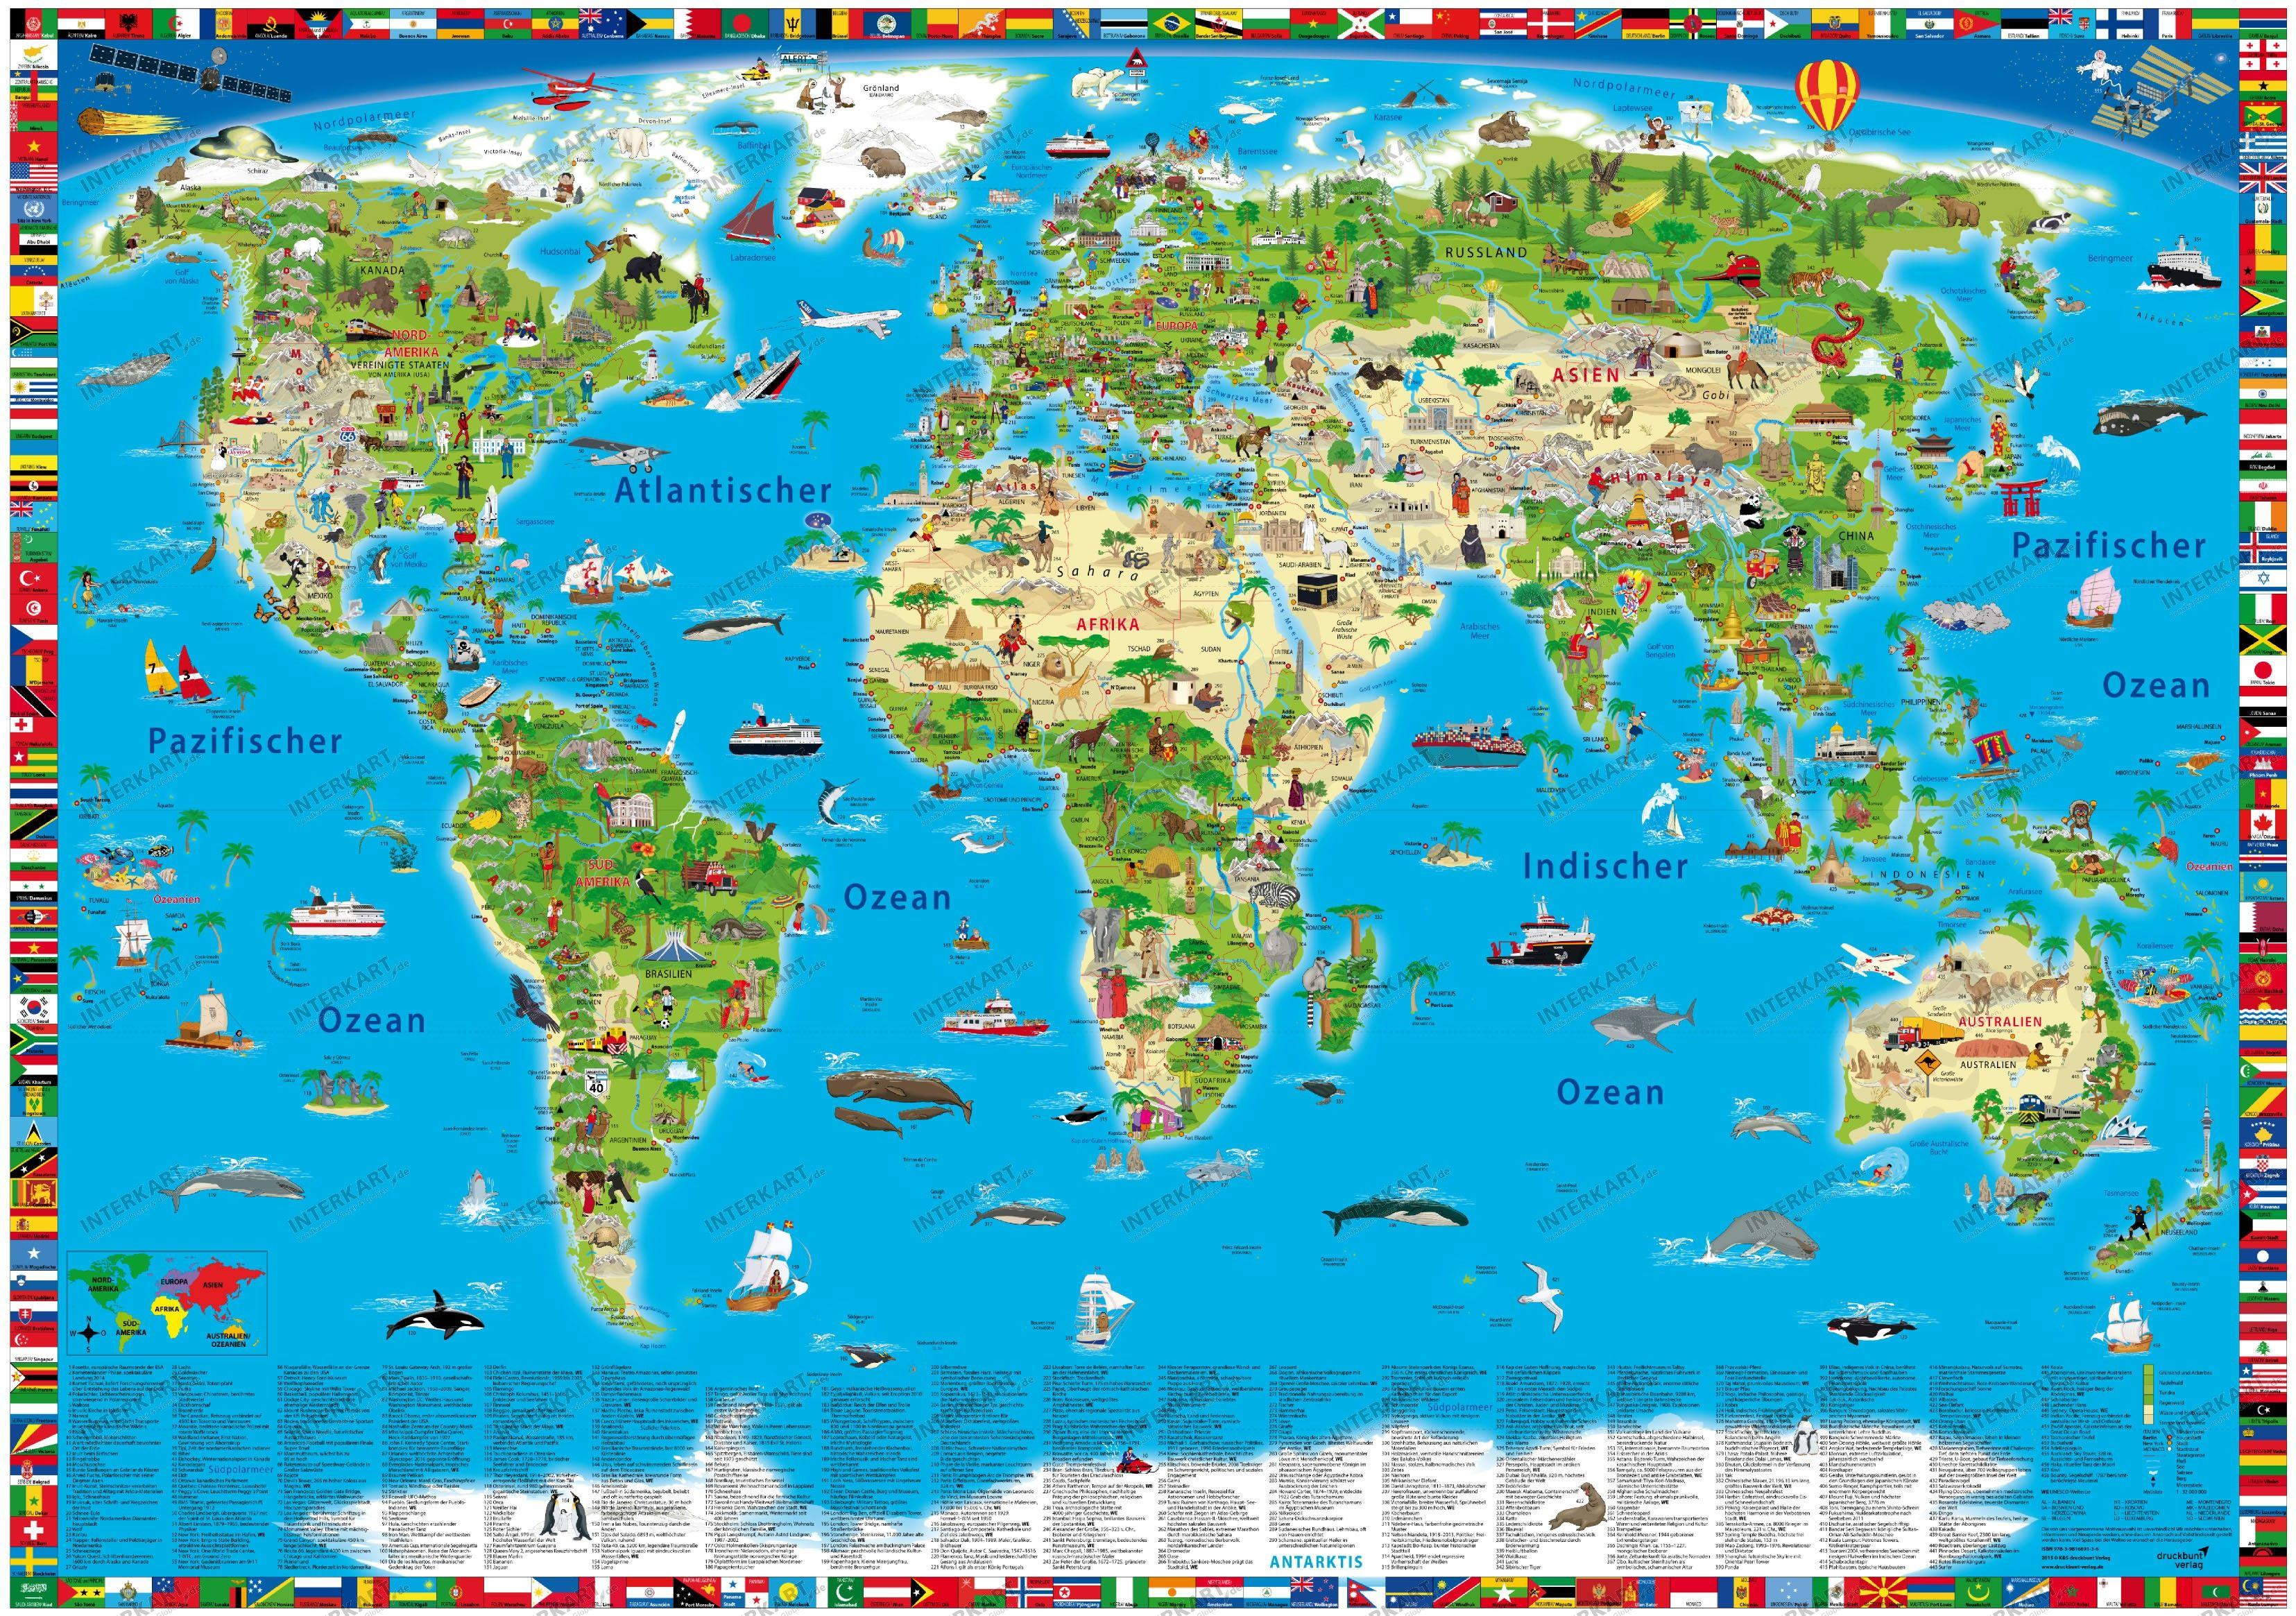 خريطة العالم جرافيك مان